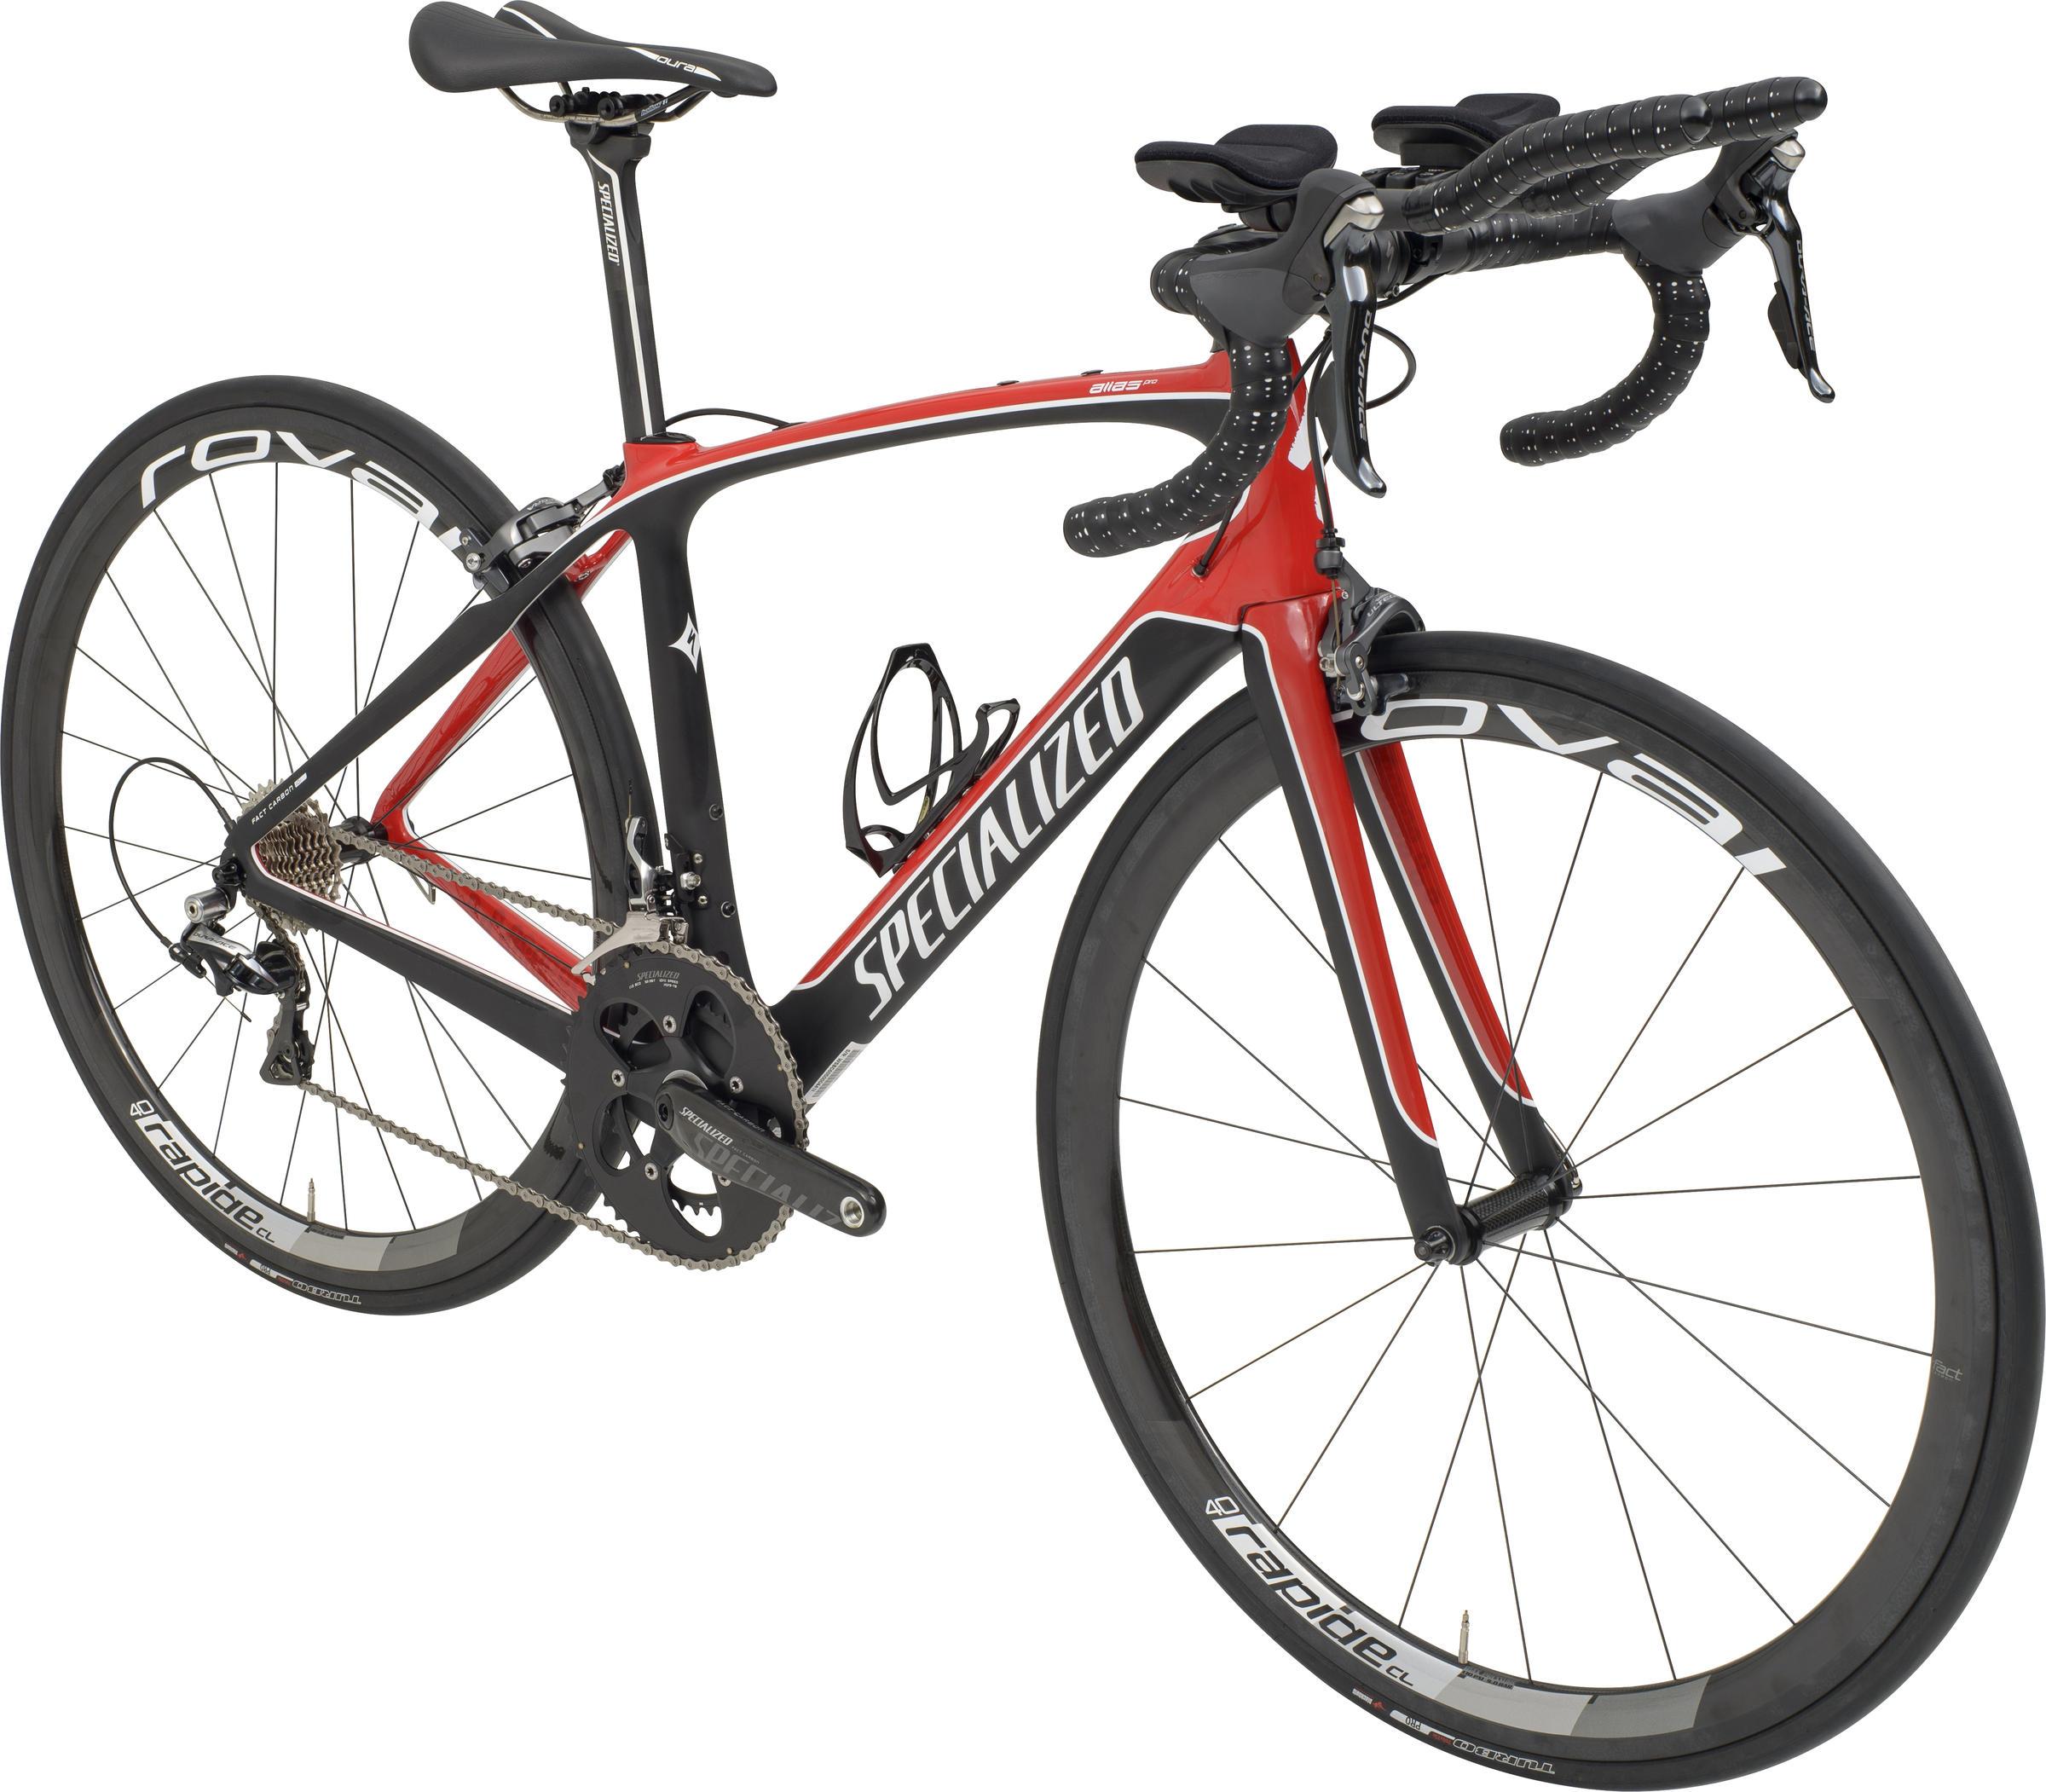 Specialized Alias Pro Tri - Women's - New York City Bike